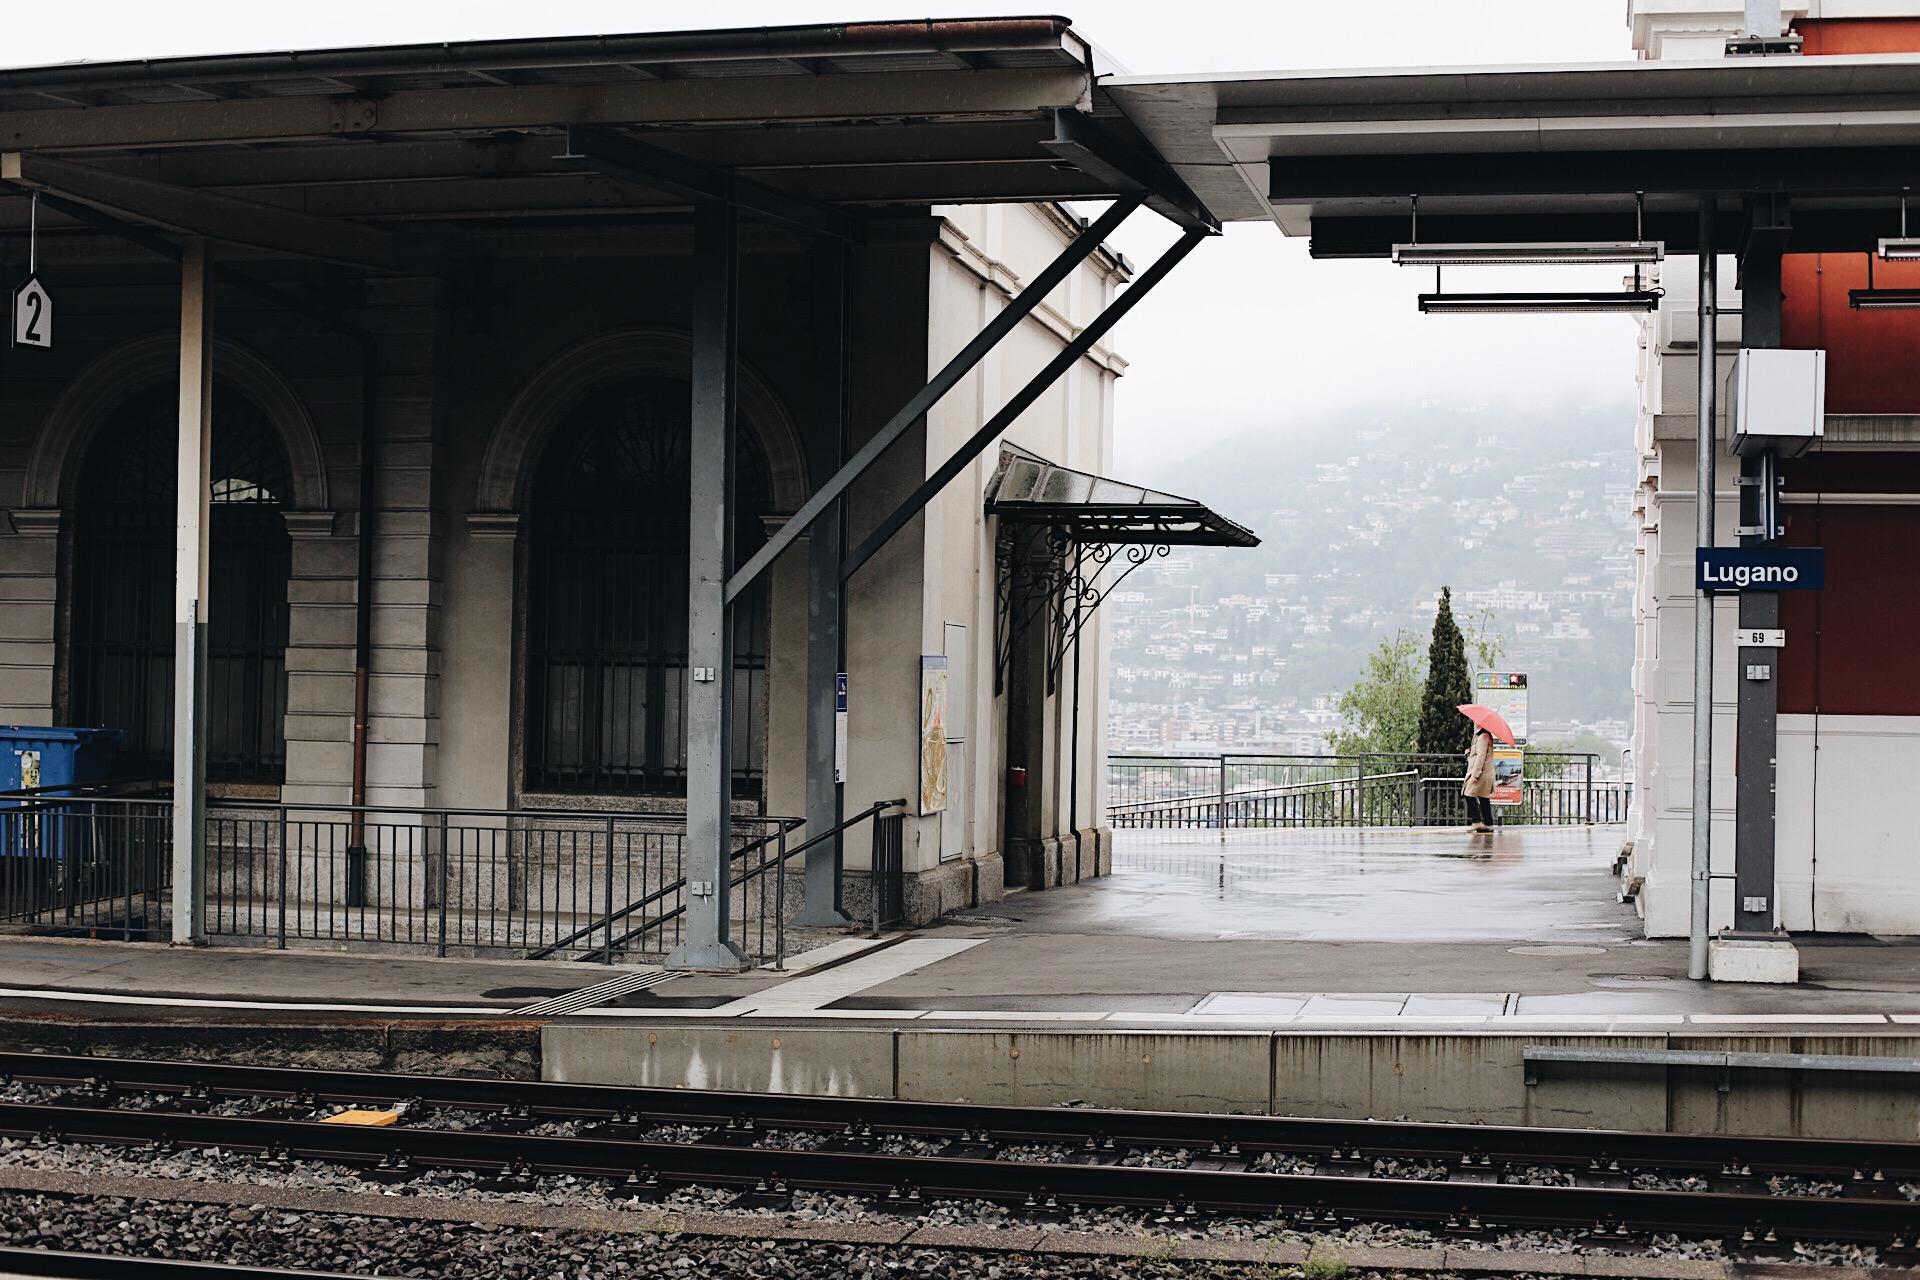 När vi kom till Milano tåg vår tågfärd slut för denna gång. Längre än så kom vi inte, eftersom tågen var så fullbokade. Vi hade därför bokat en bil som vi hämtade ut på SIXT precis vid centralstationen.